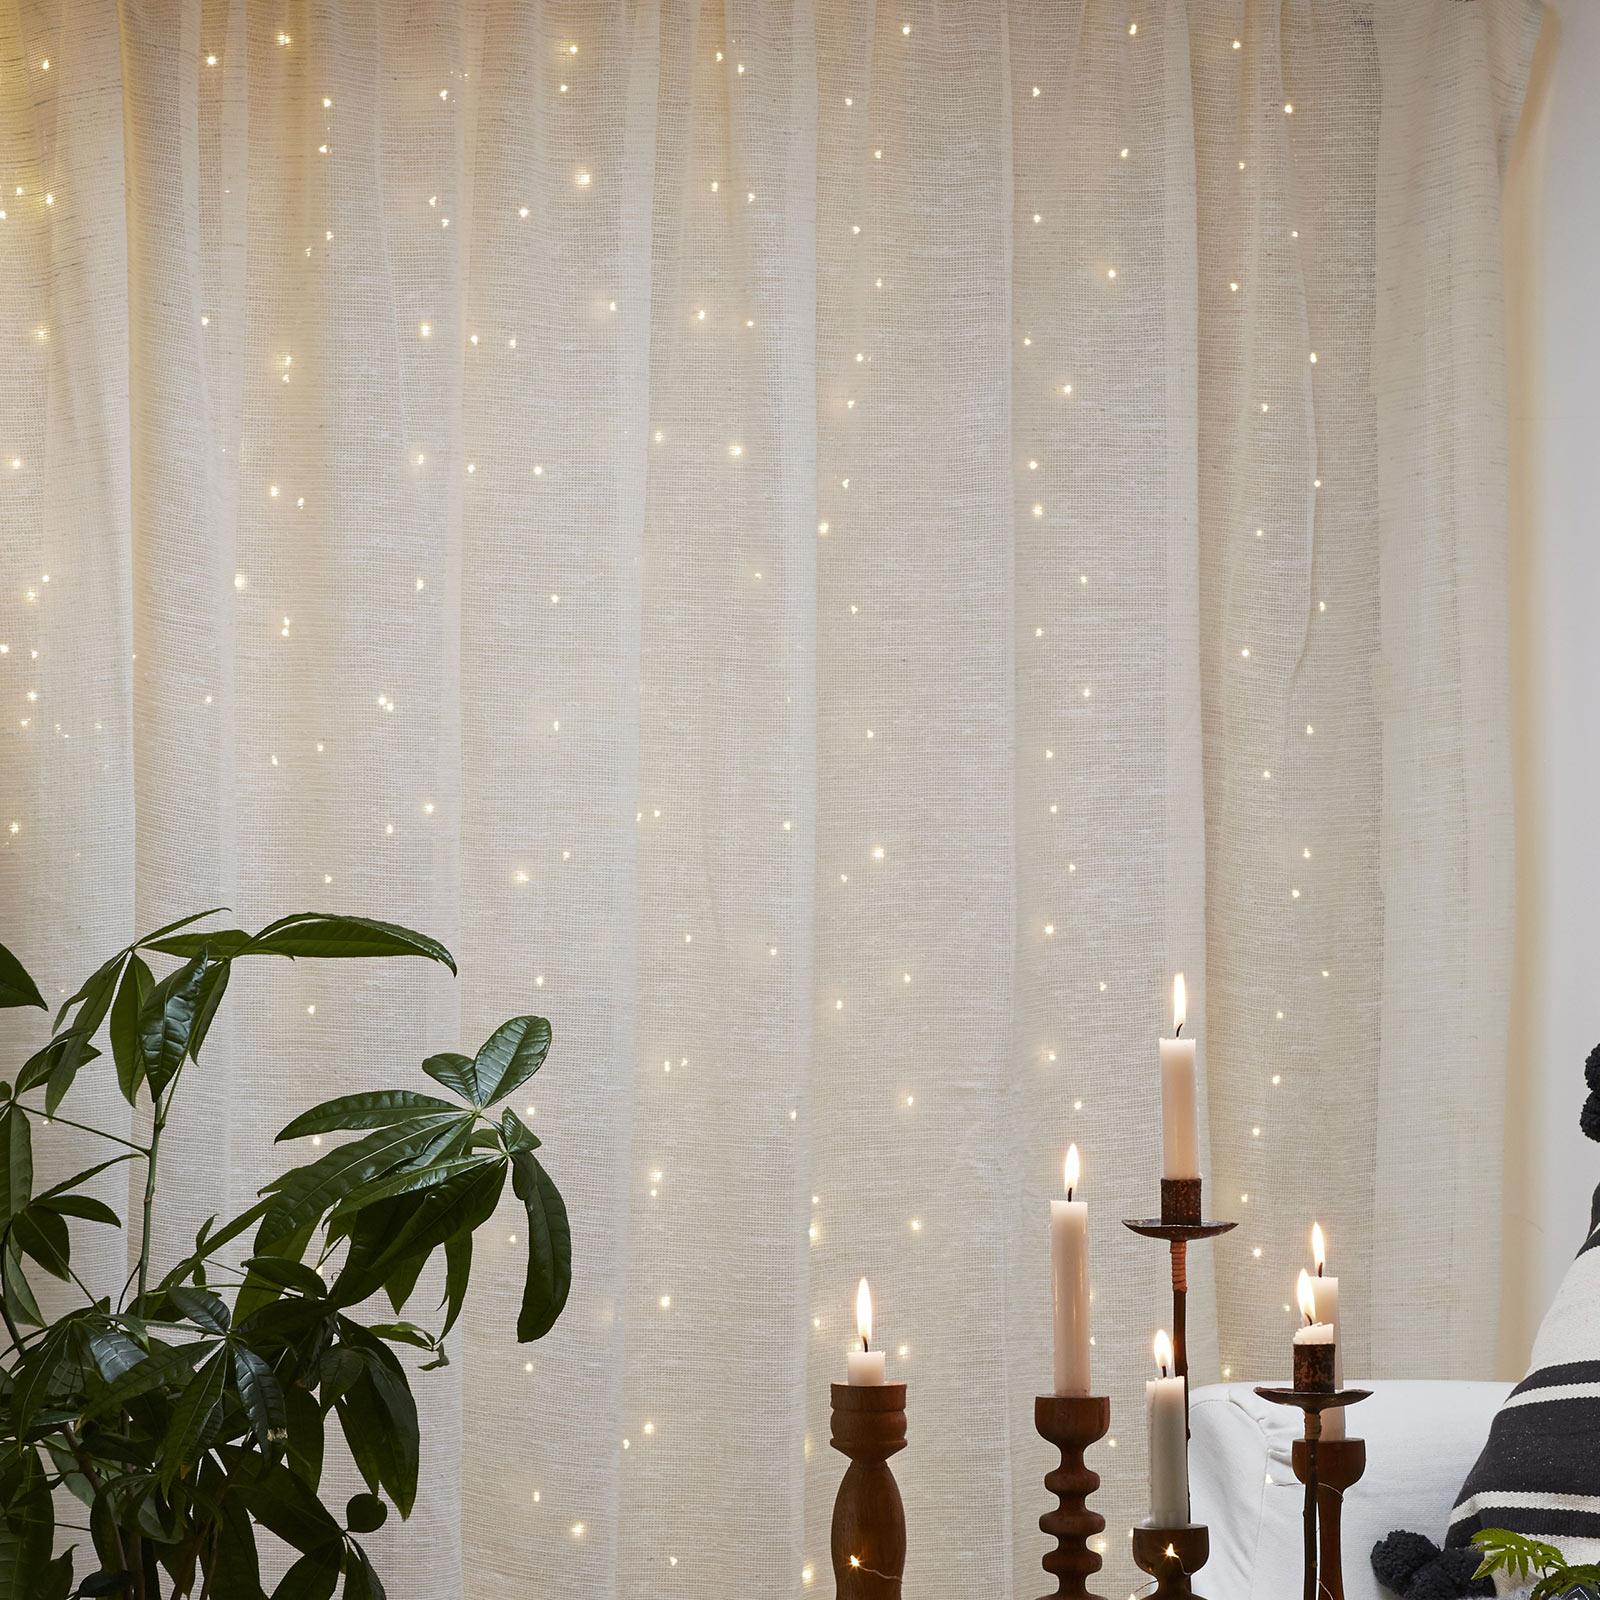 Kurtyna świetlna LED Dew Drops, wysokość 200 cm